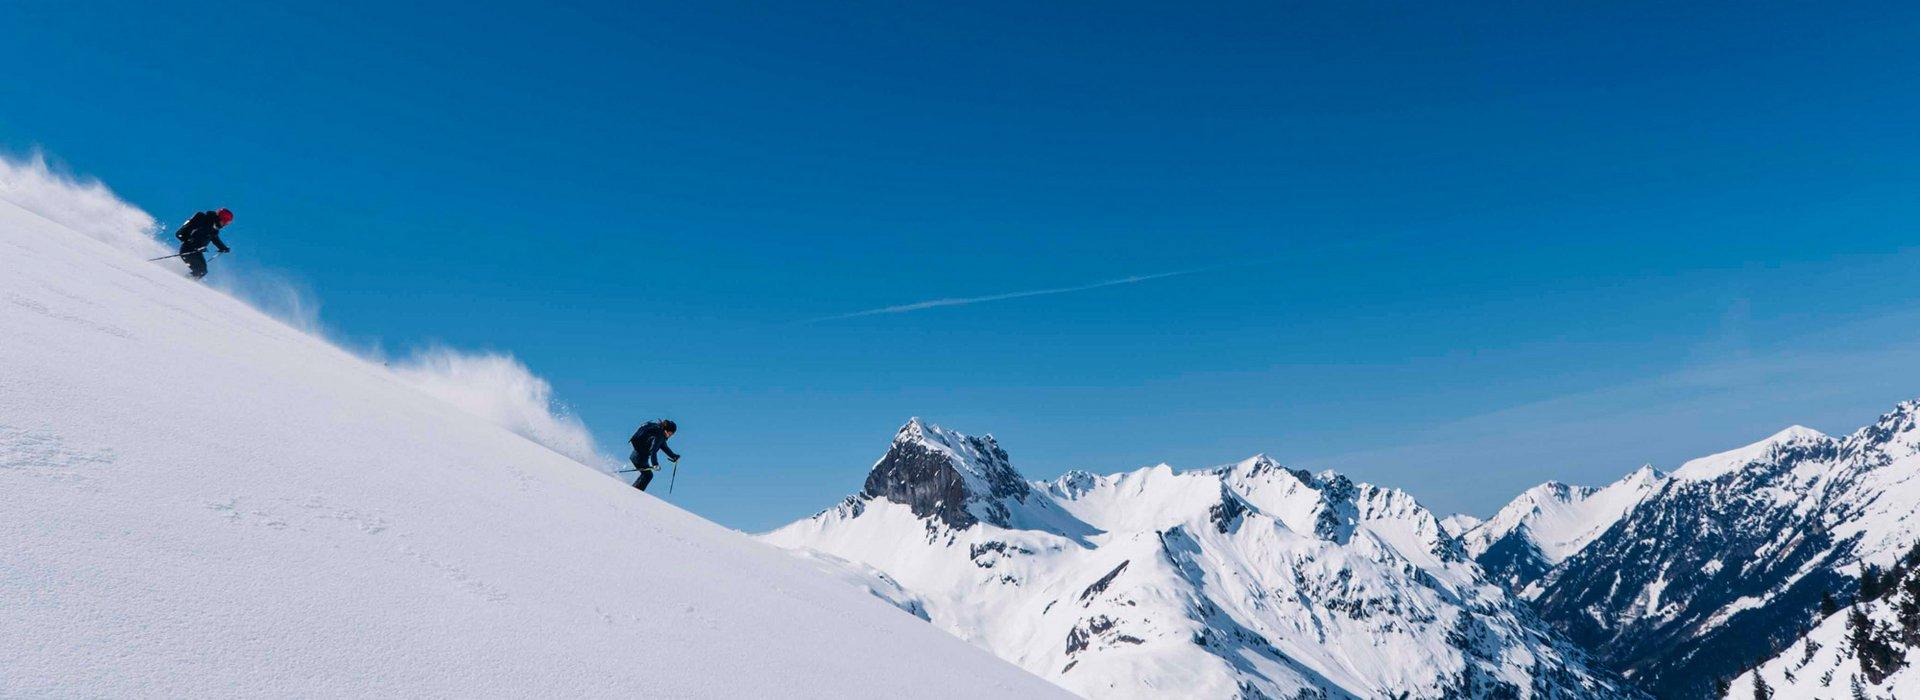 Skiabfahrt im offenen Gelände